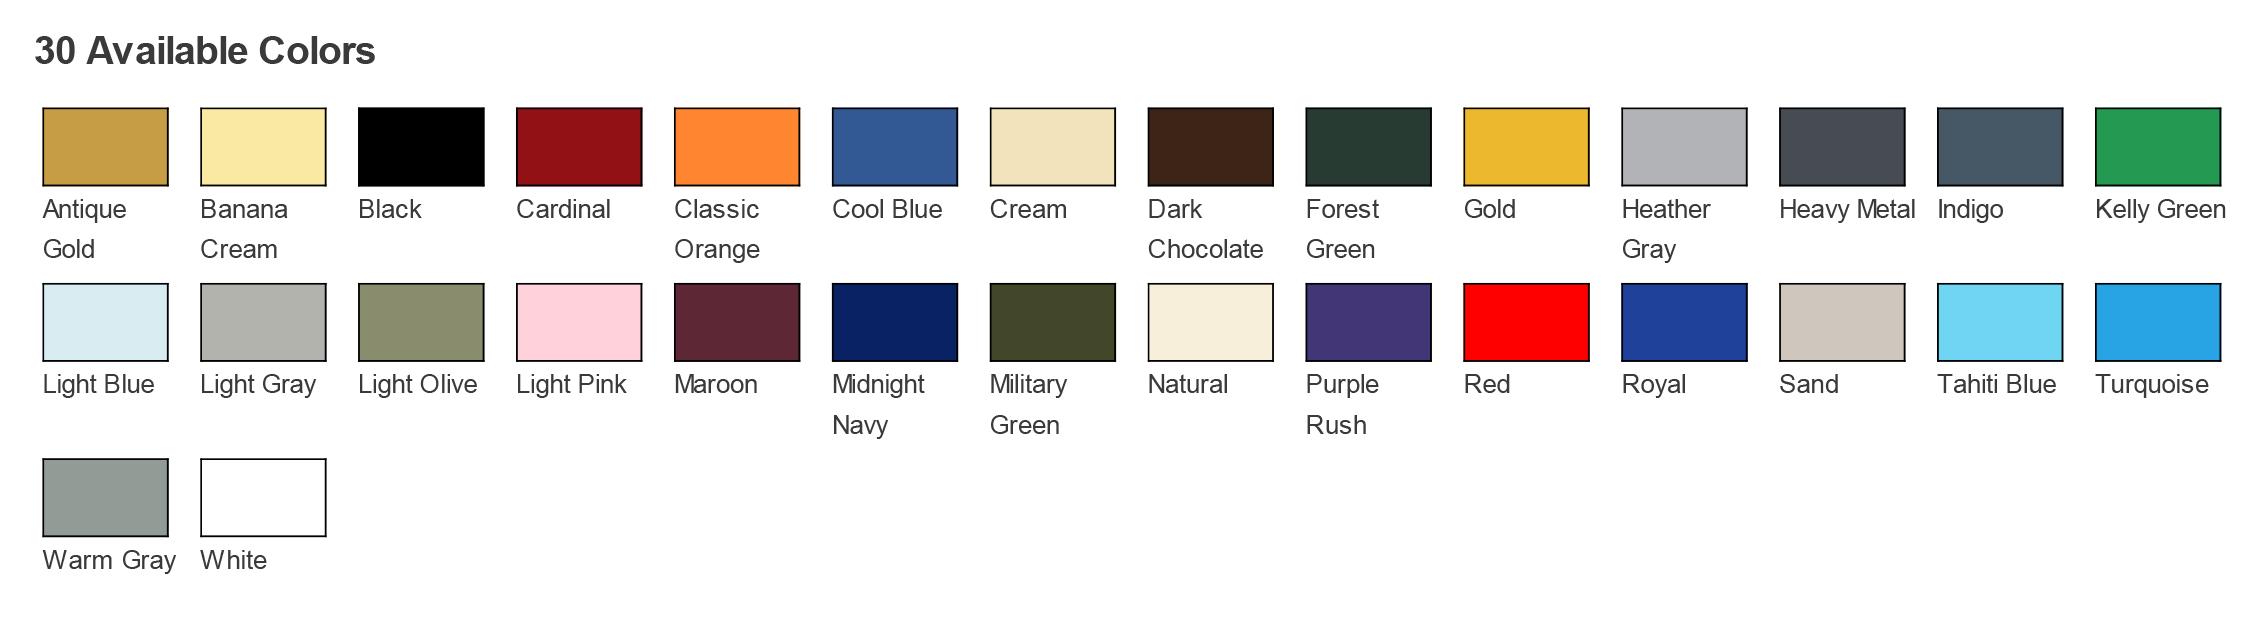 3600 Colors.jpg